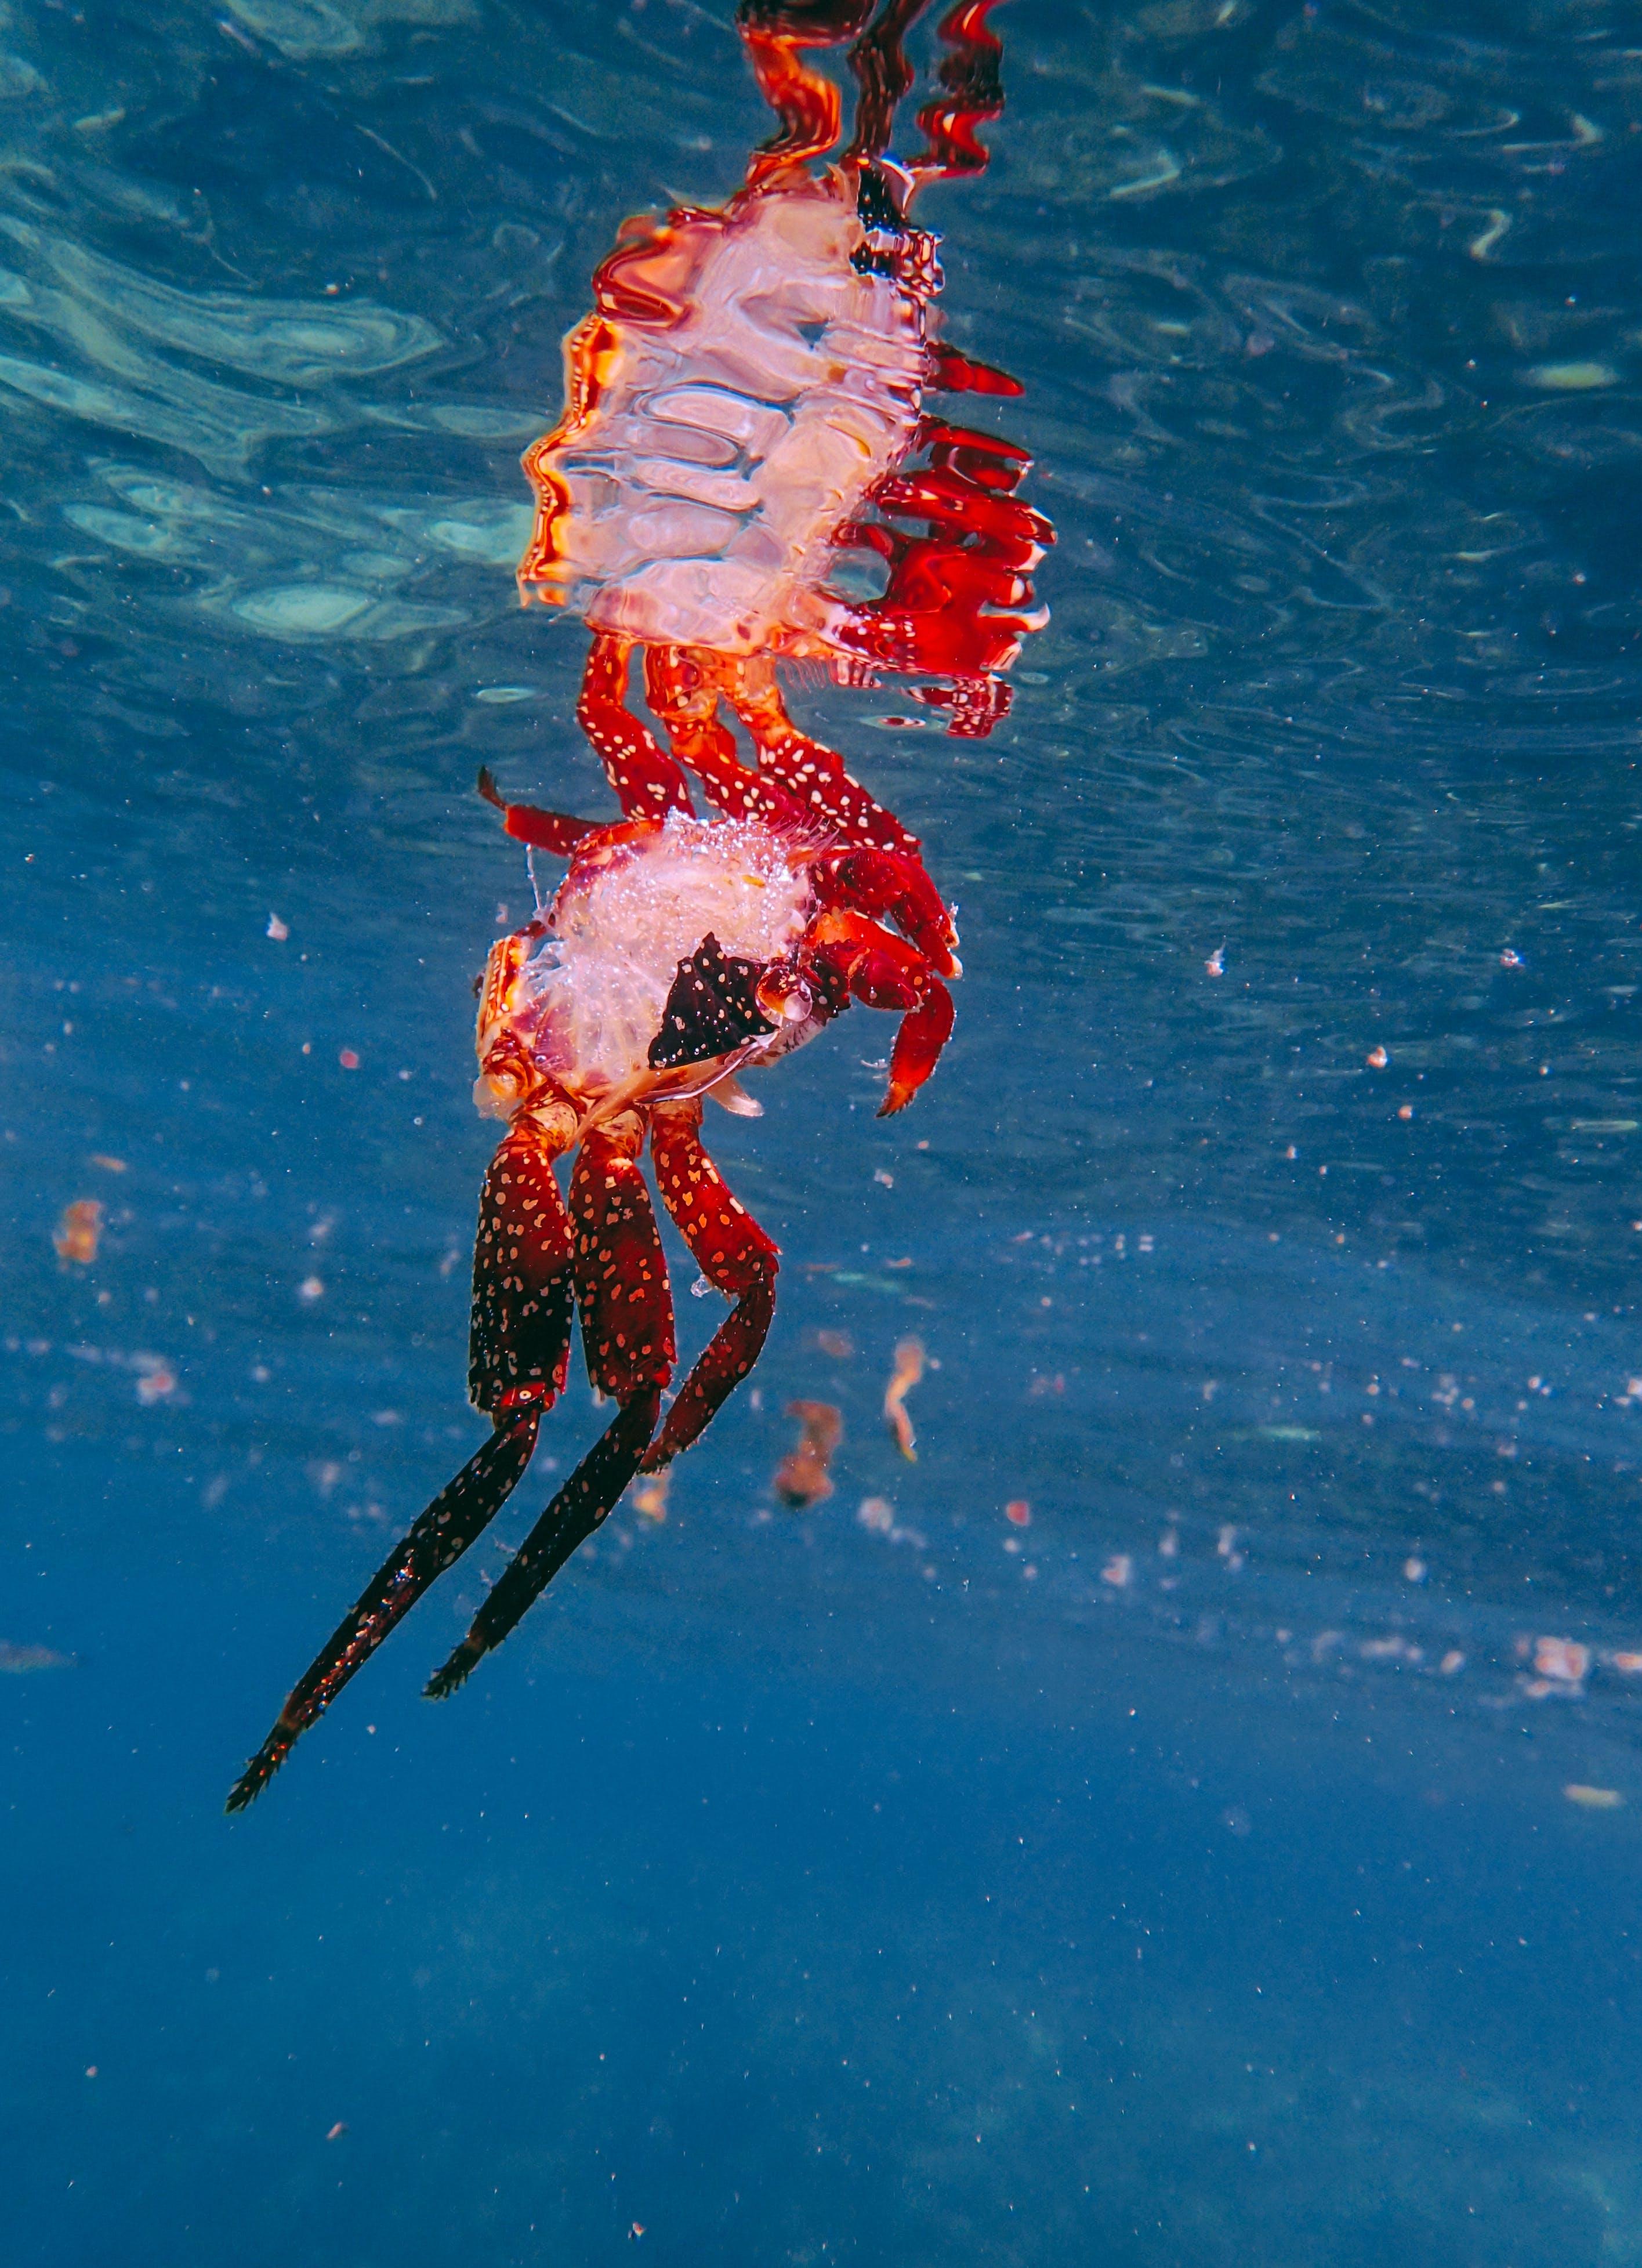 Kostenloses Stock Foto zu krabbe, meer, ozean, tier